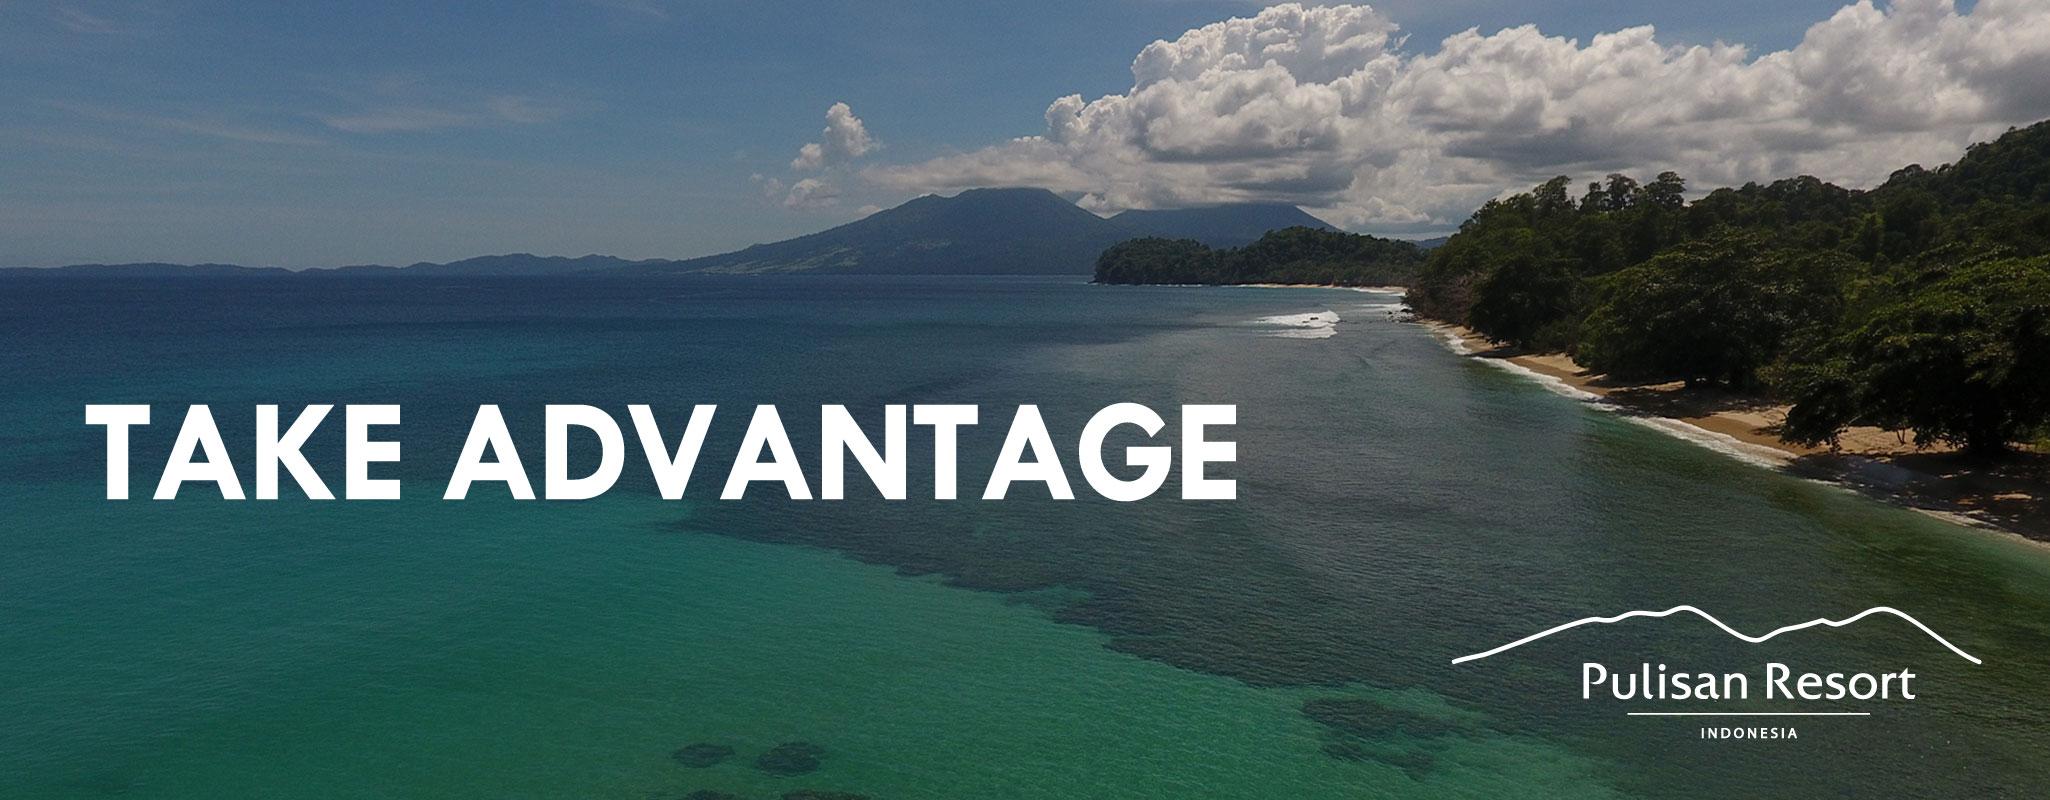 Take Advantage of Pulisan Resort